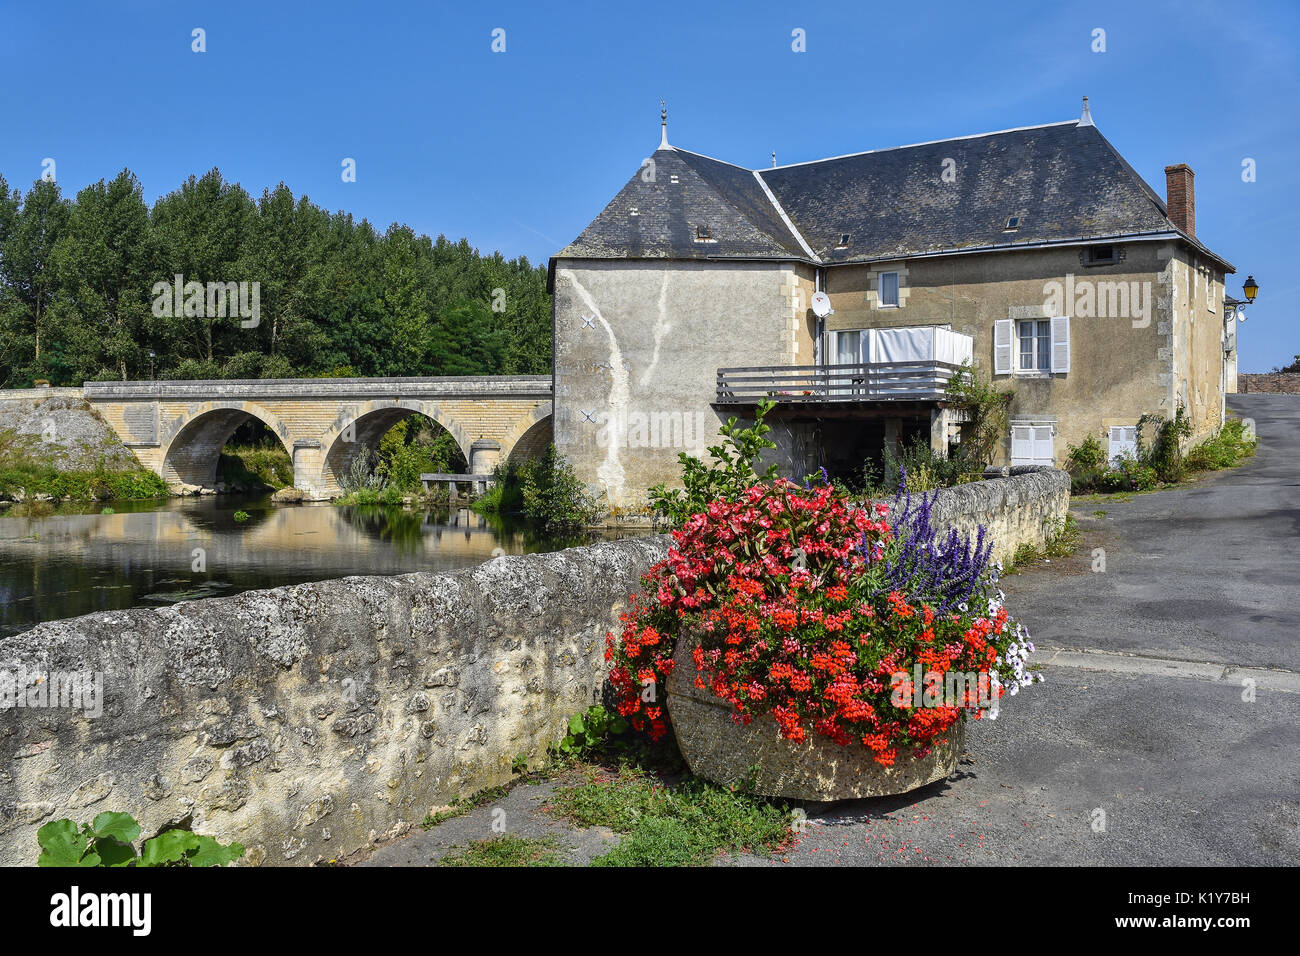 Watermill and bridge across river Gartempe, Saint-Pierre-de-Maillé, Vienne, France. - Stock Image